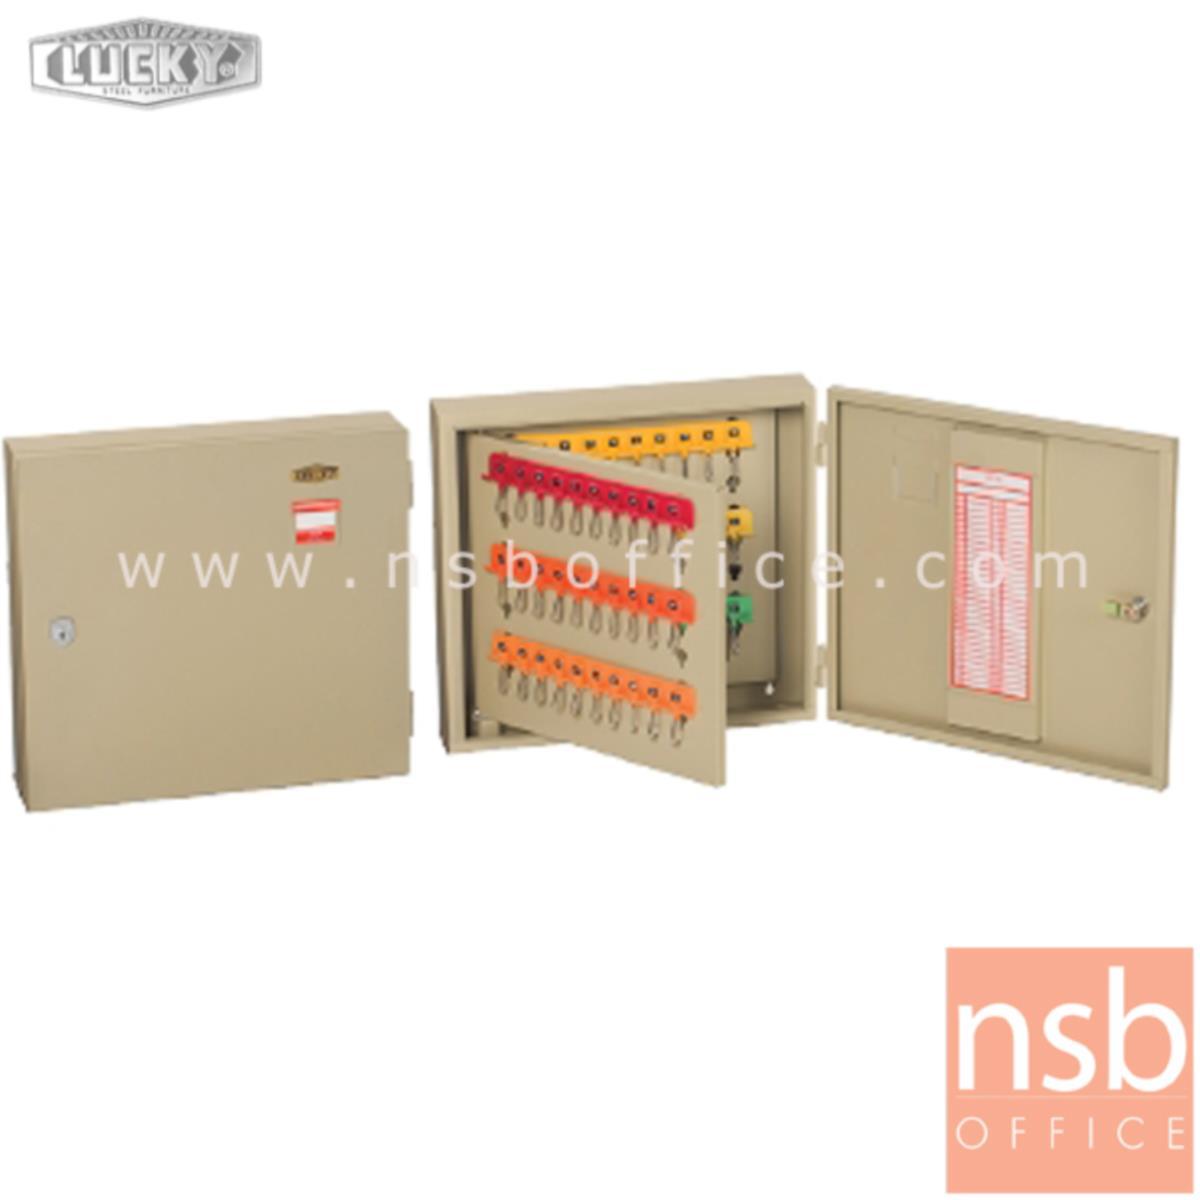 E17A015:ตู้เหล็กเก็บกุญแจ 60 ดอก รุ่น KB-860  พร้อมพวงกุญแจระบุหมายเลข